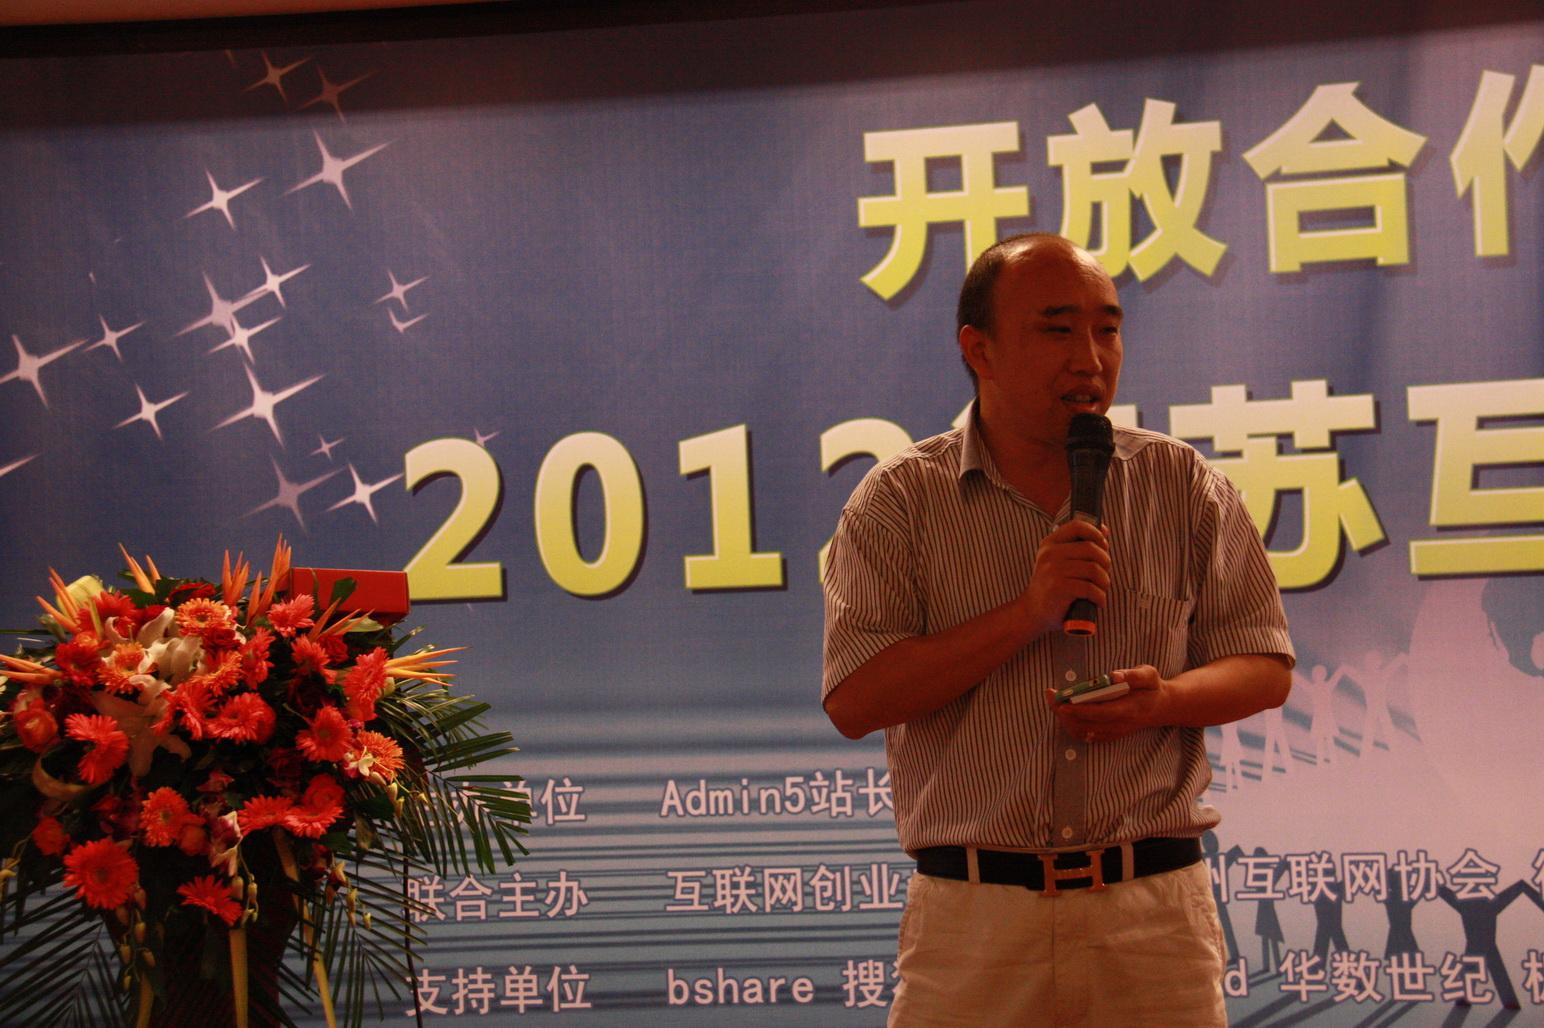 2012年江苏互联网站长年夜会在徐州成功进行